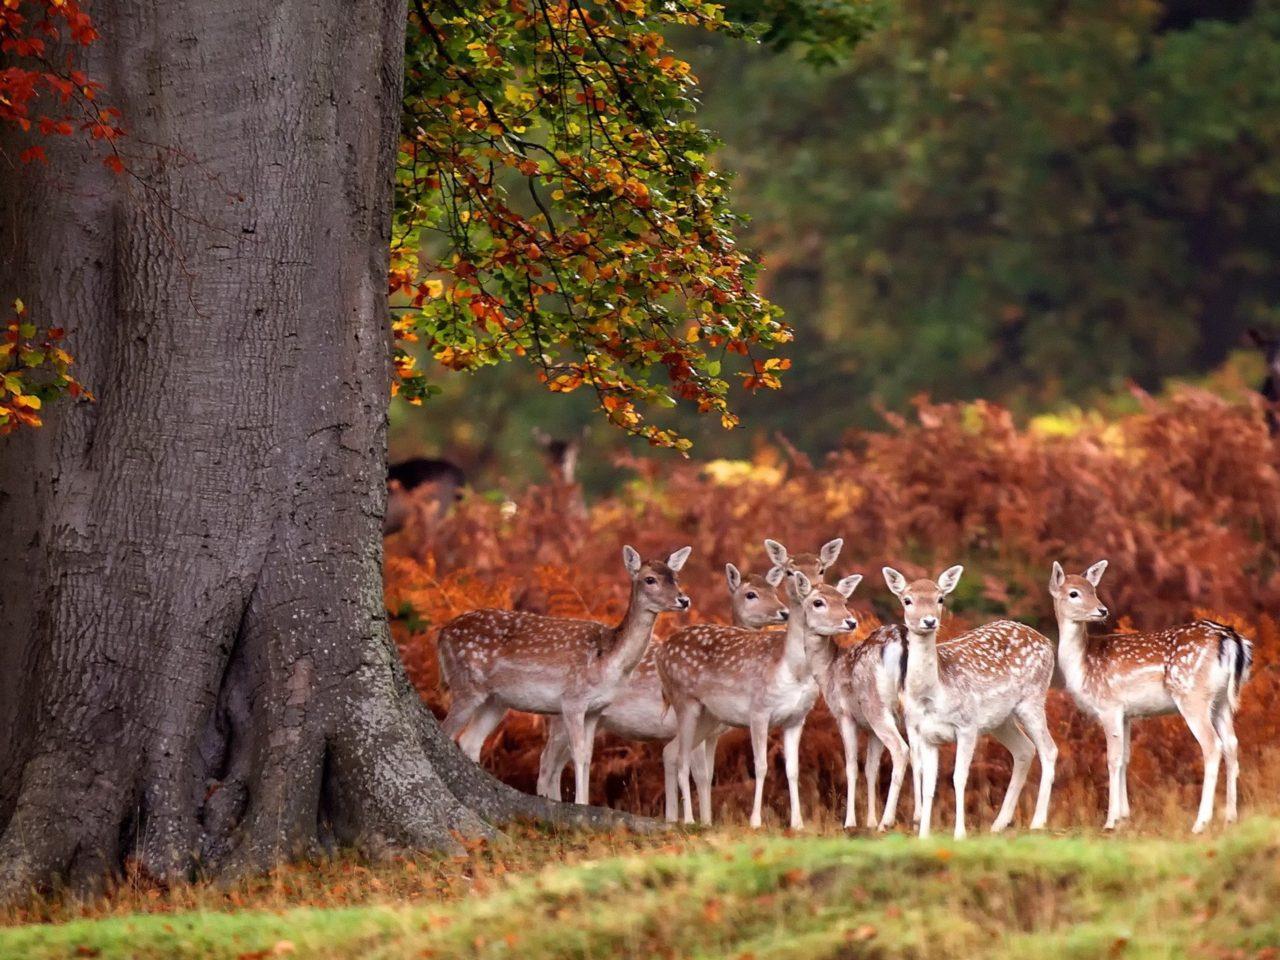 Desktop Wallpaper Fall Water Deer Herd Autumn Forest Grass Trees 3840x2400